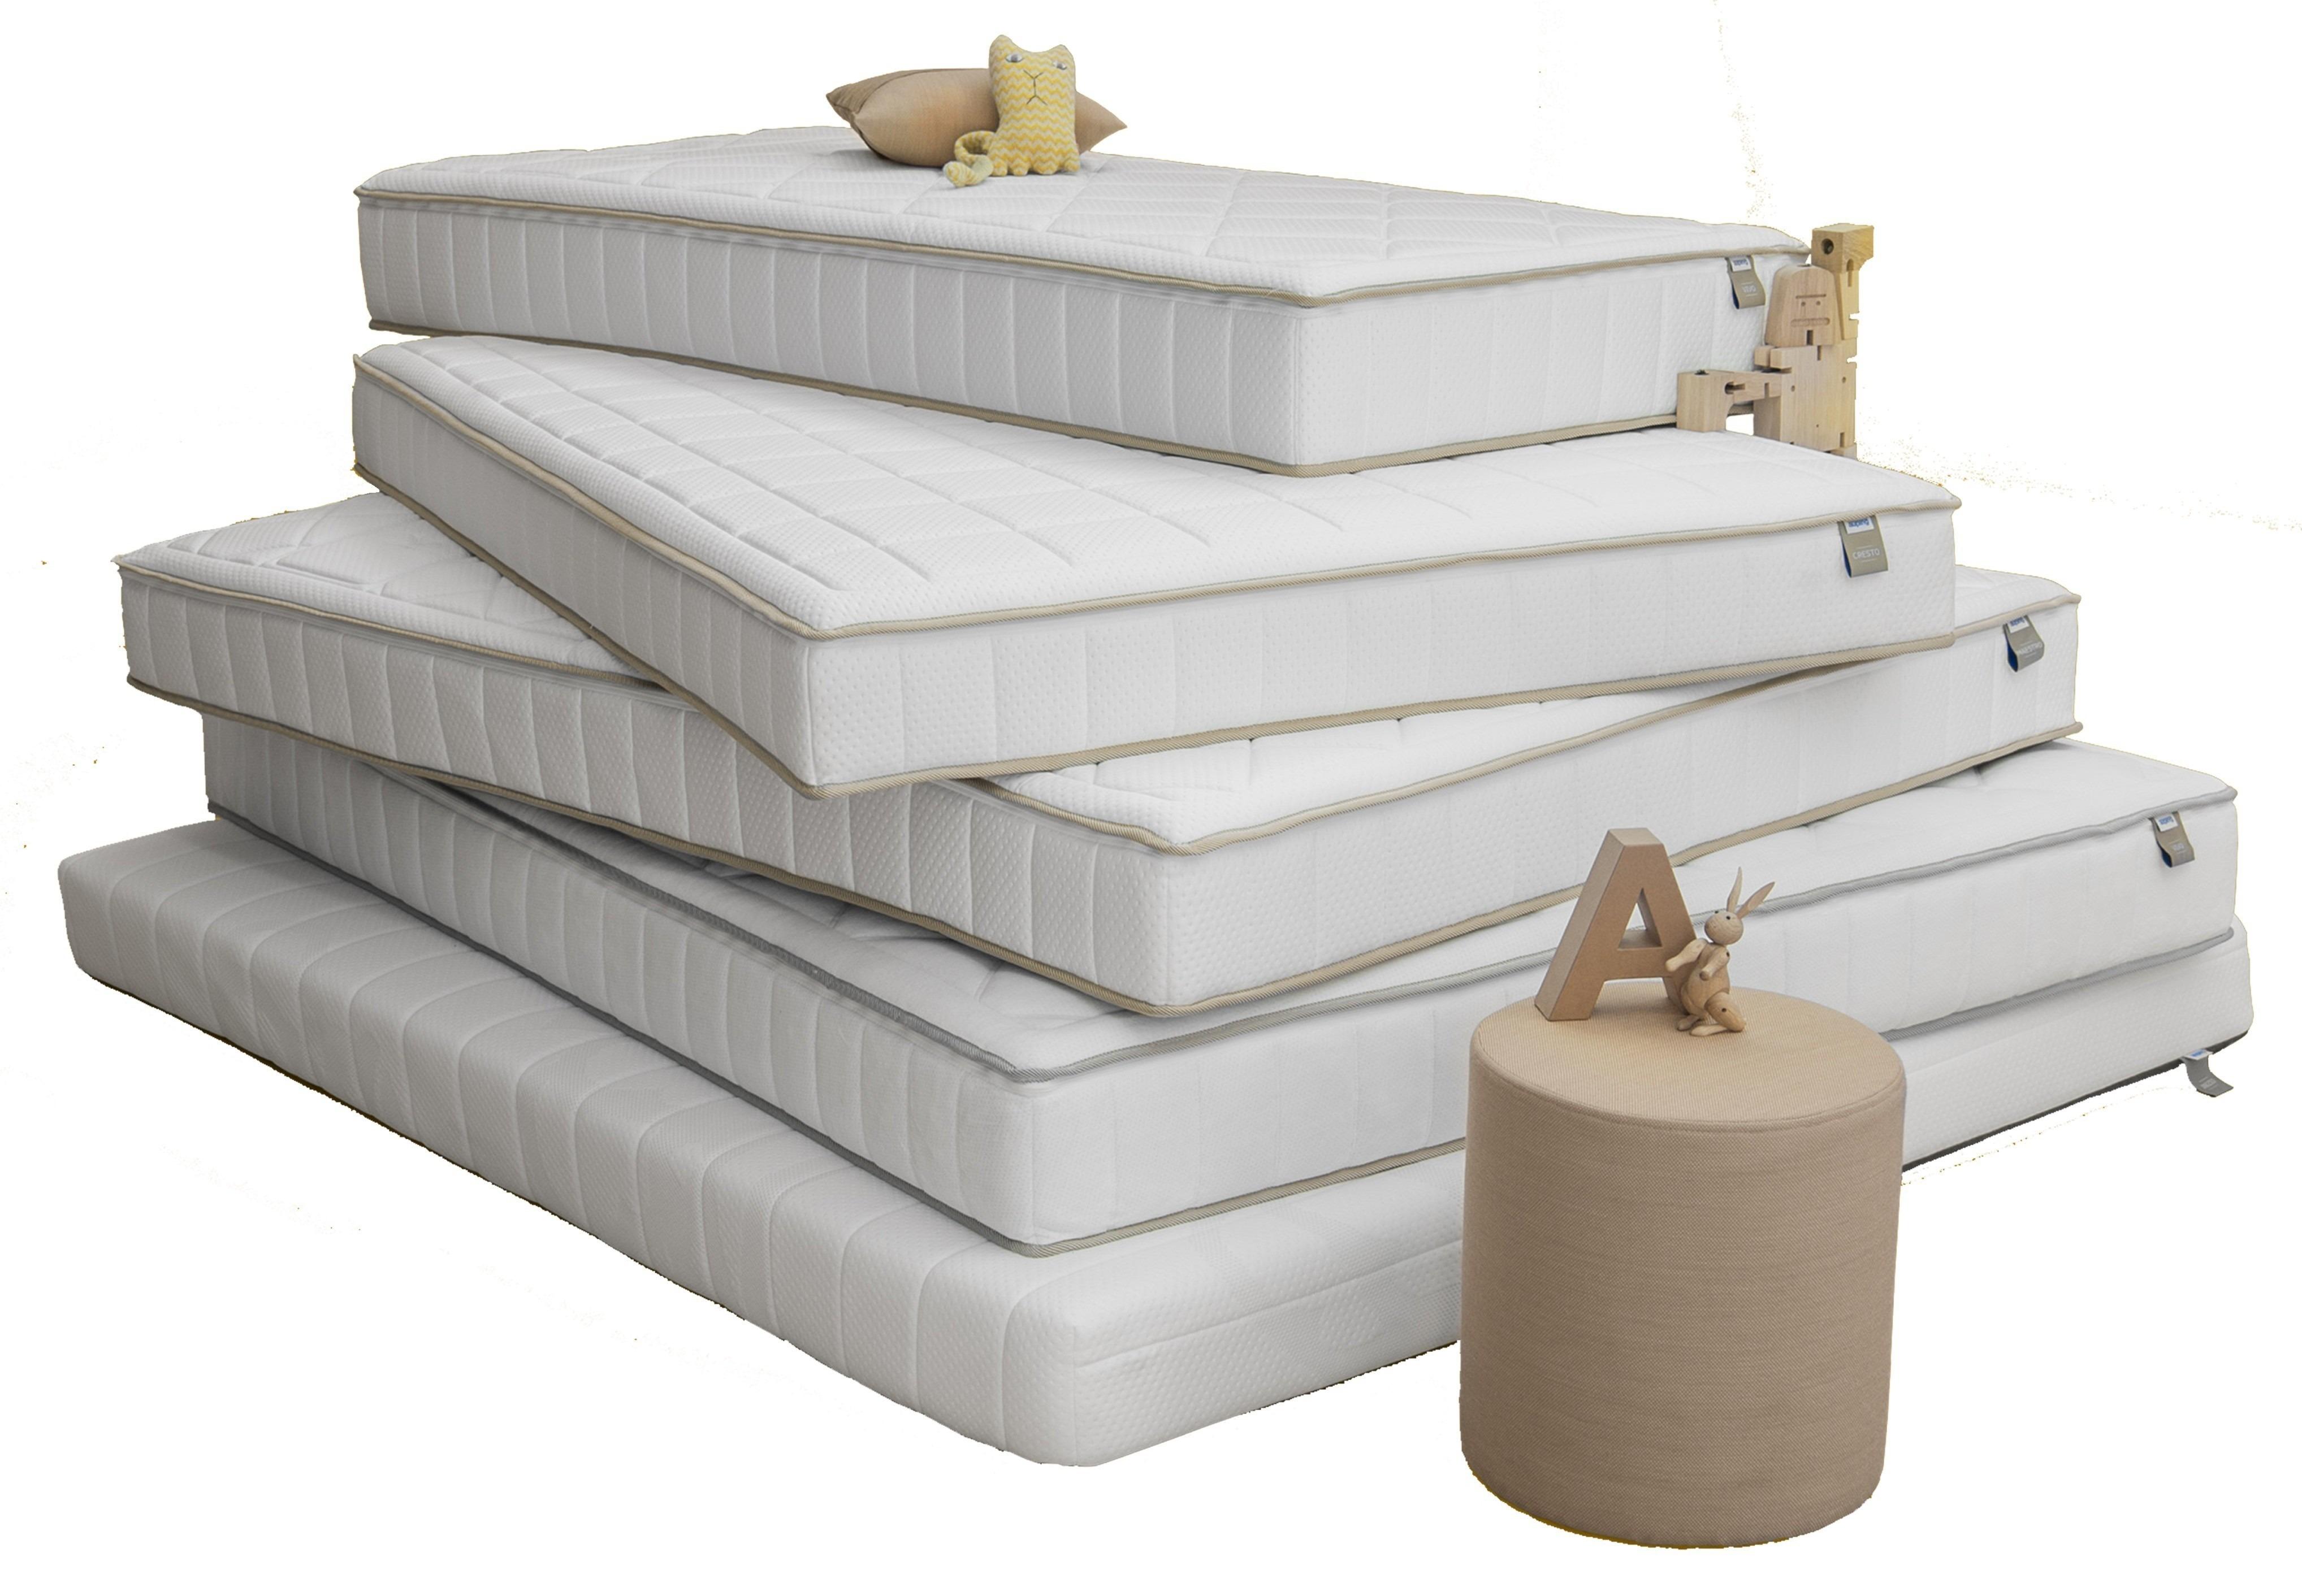 Matras 80 Cm : Afmetingen van matrassen: een overzicht auping